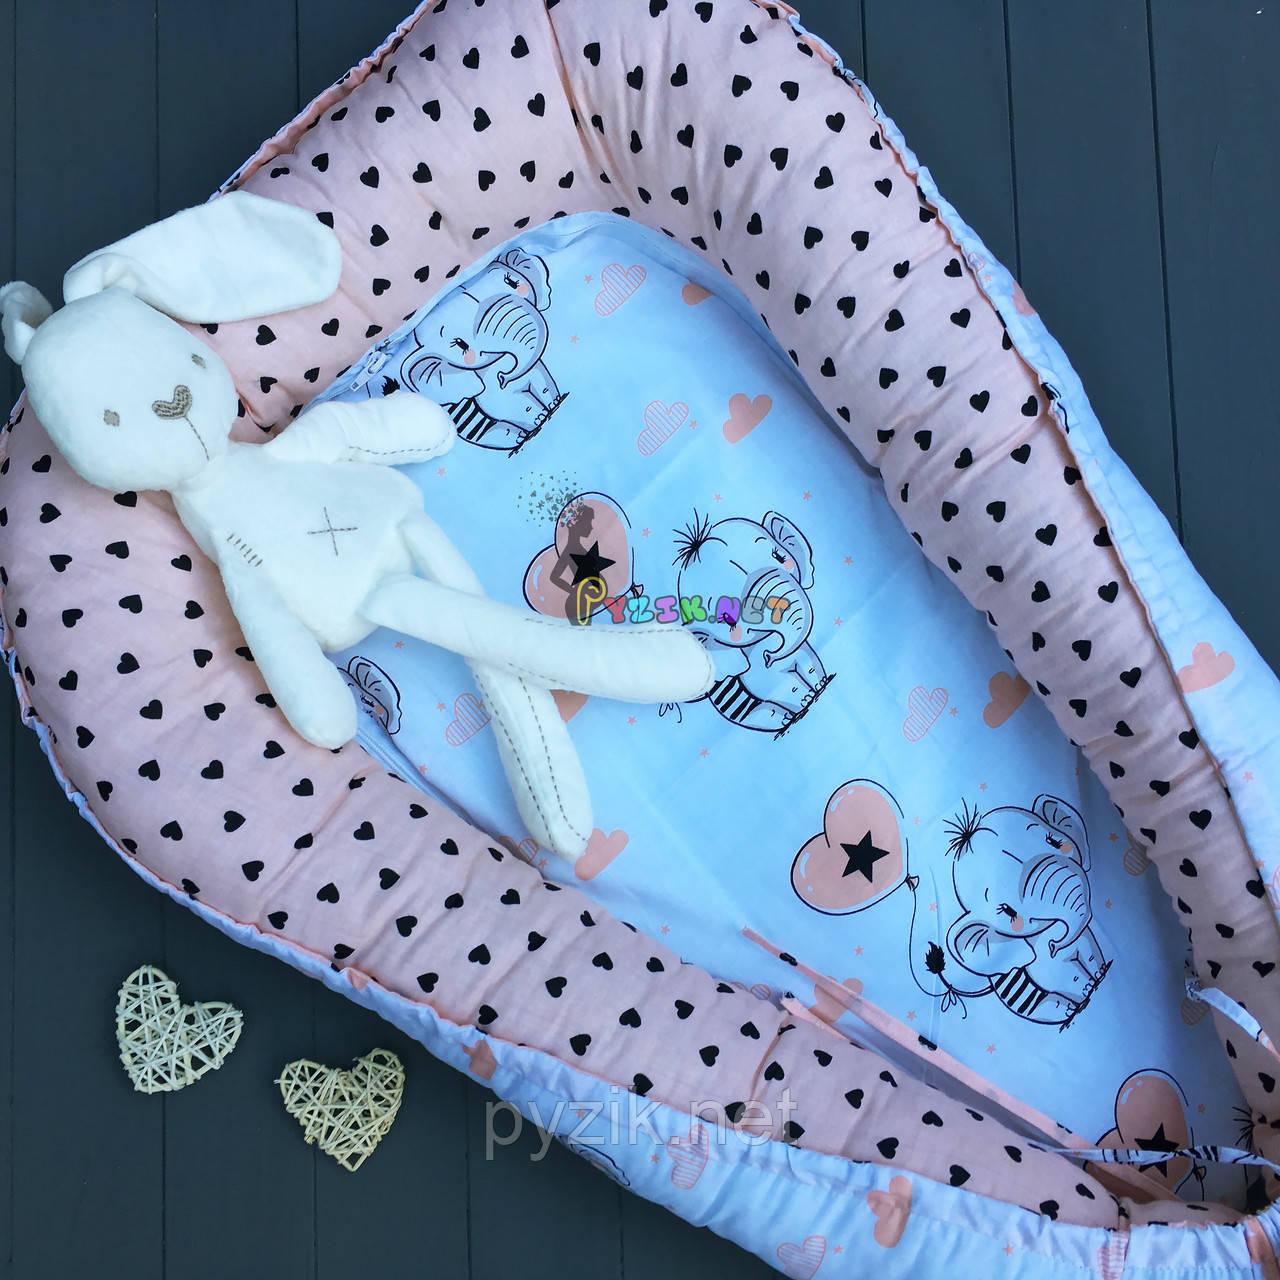 Гніздо-кокон для новонародженого 85Х40 см (подушка для вагітної, подушка для годування) Слоники